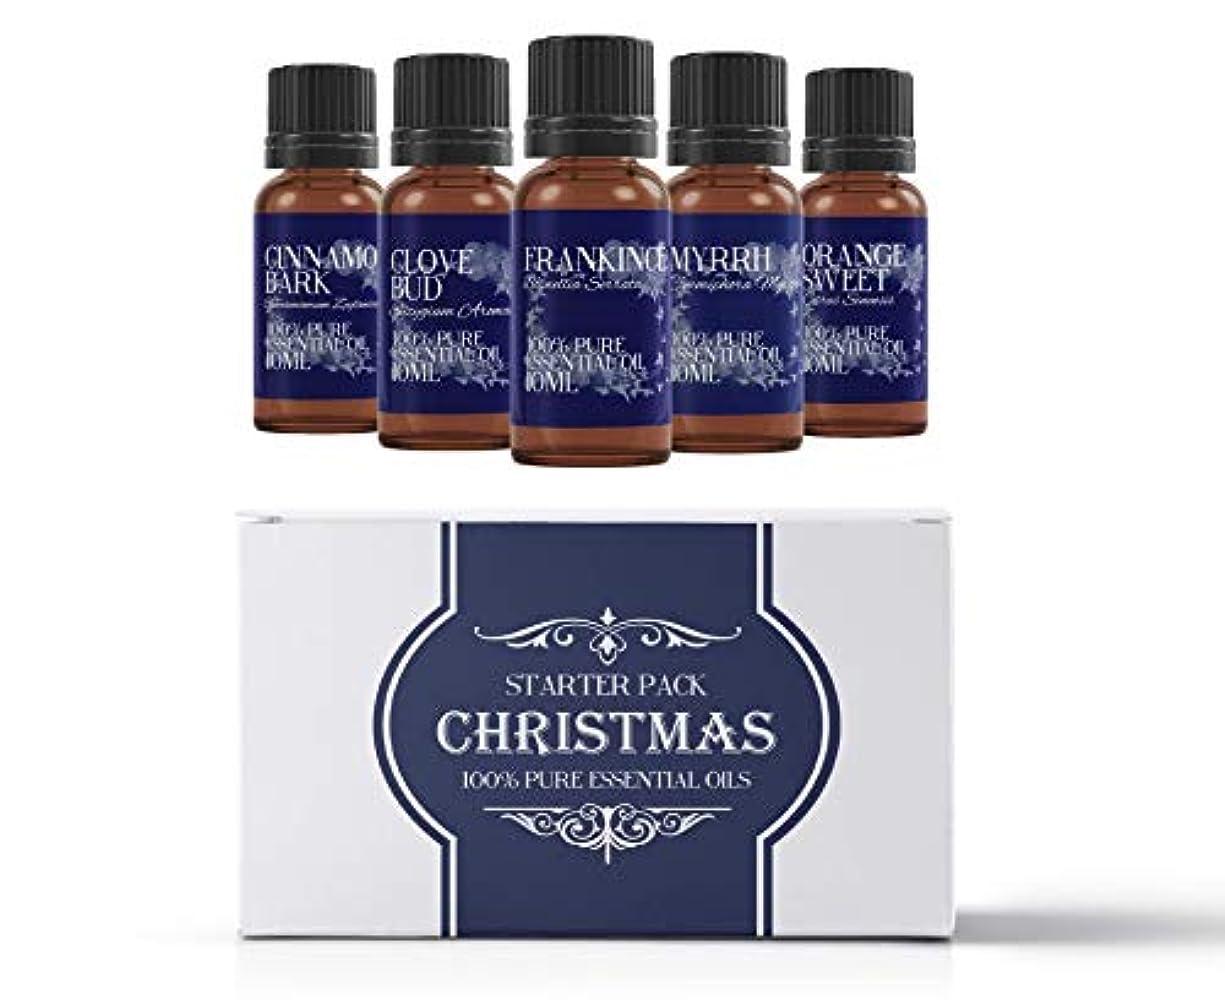 不規則な制限する逸脱Mystic Moments | Essential Oil Starter Pack - Christmas Oils - 5 x 10ml - 100% Pure